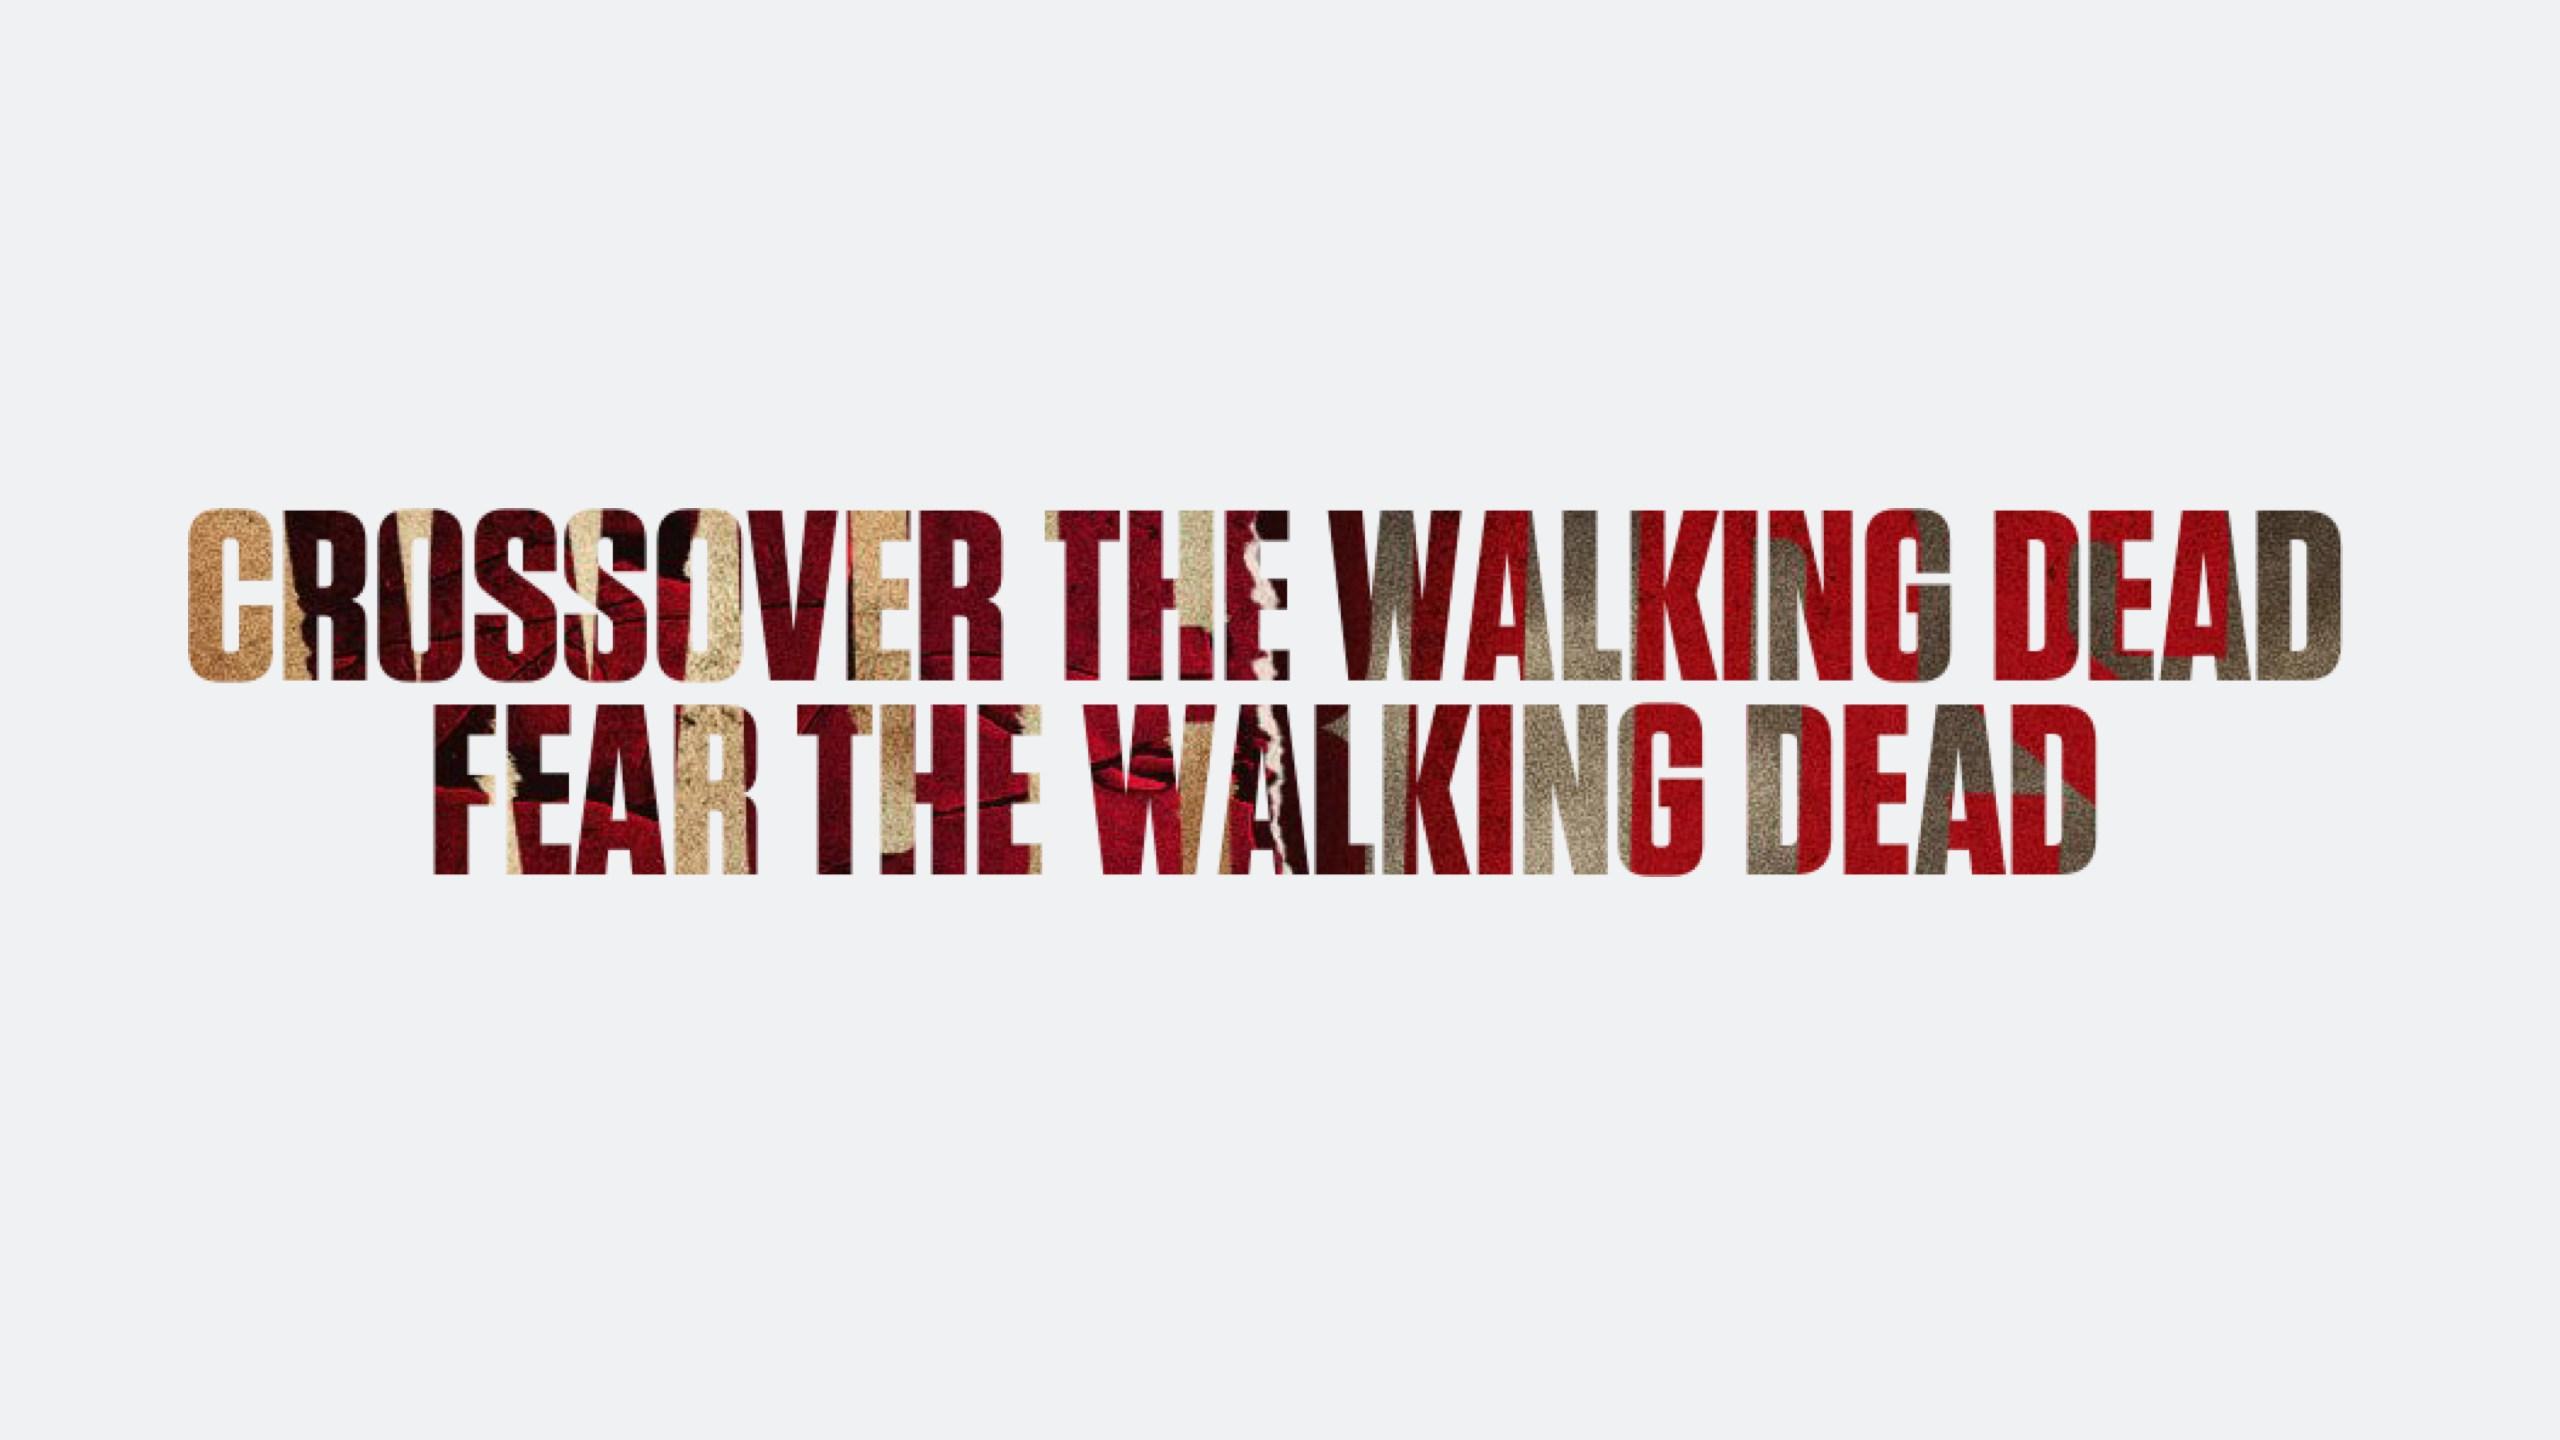 Crossover tra The Walking Dead e Fear The Walking Dead